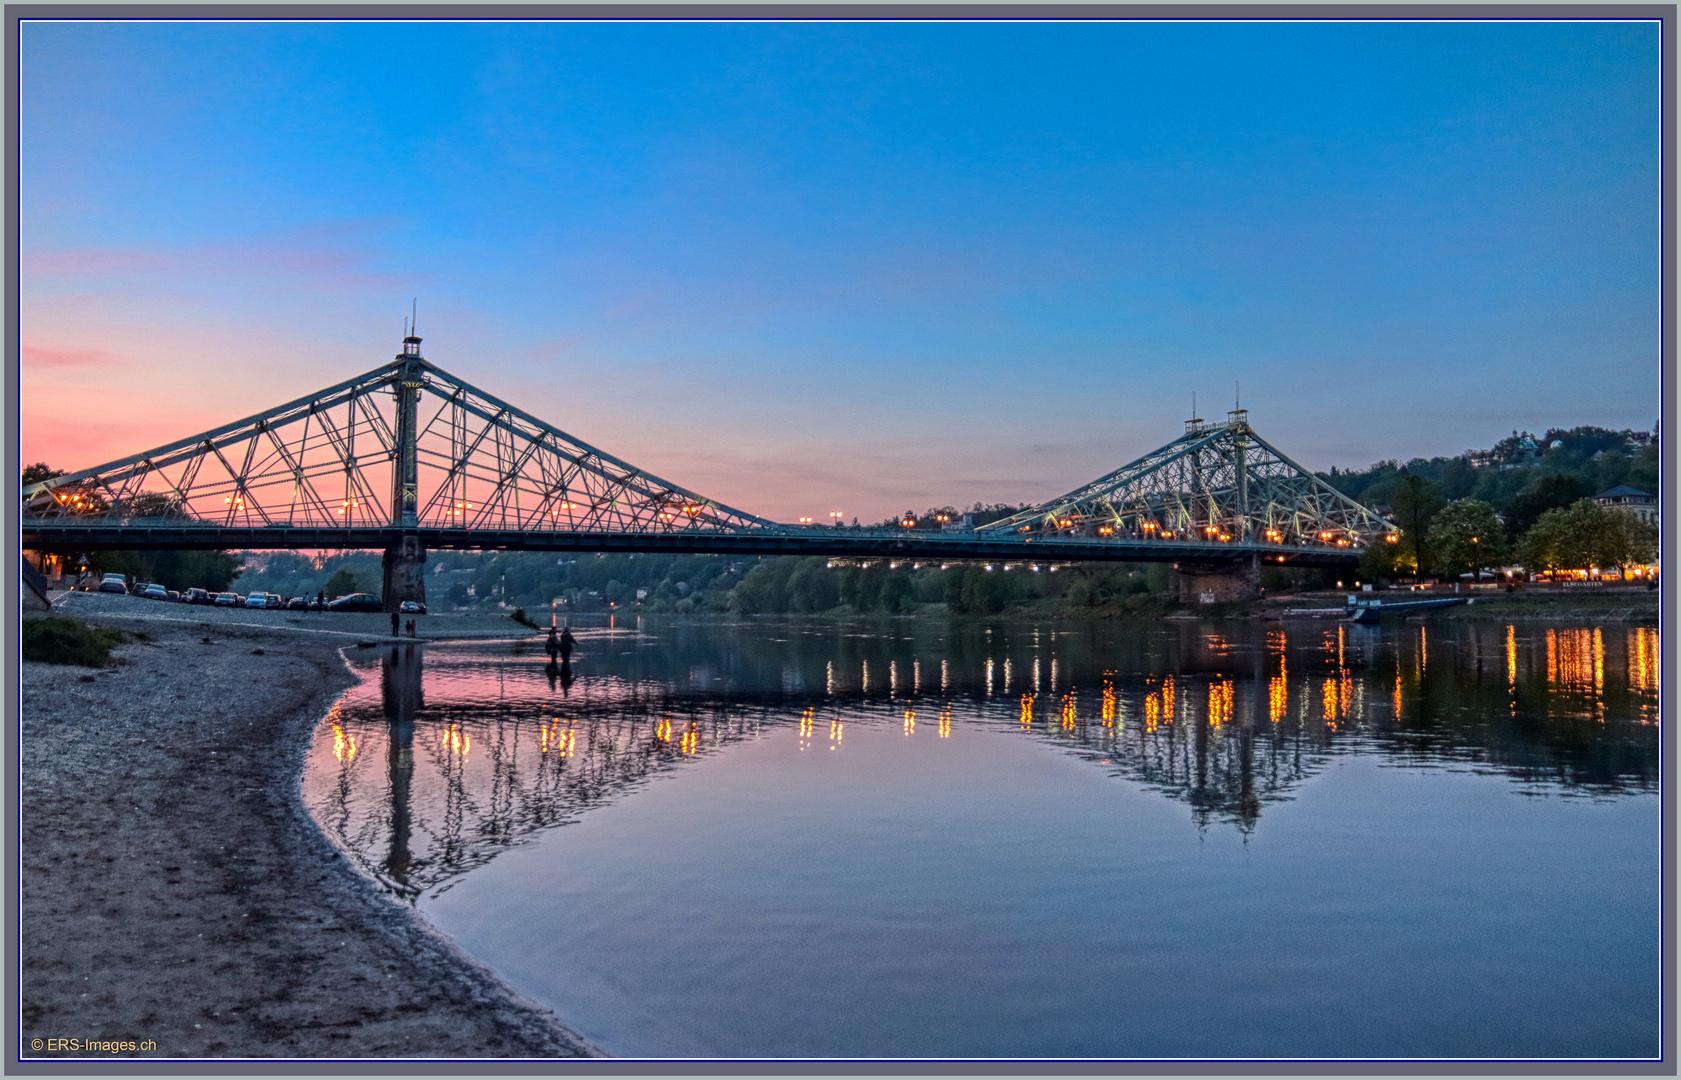 Das Blaue Wunder  2019-05-01 341 (64) Loschwitzerbrücke II ©